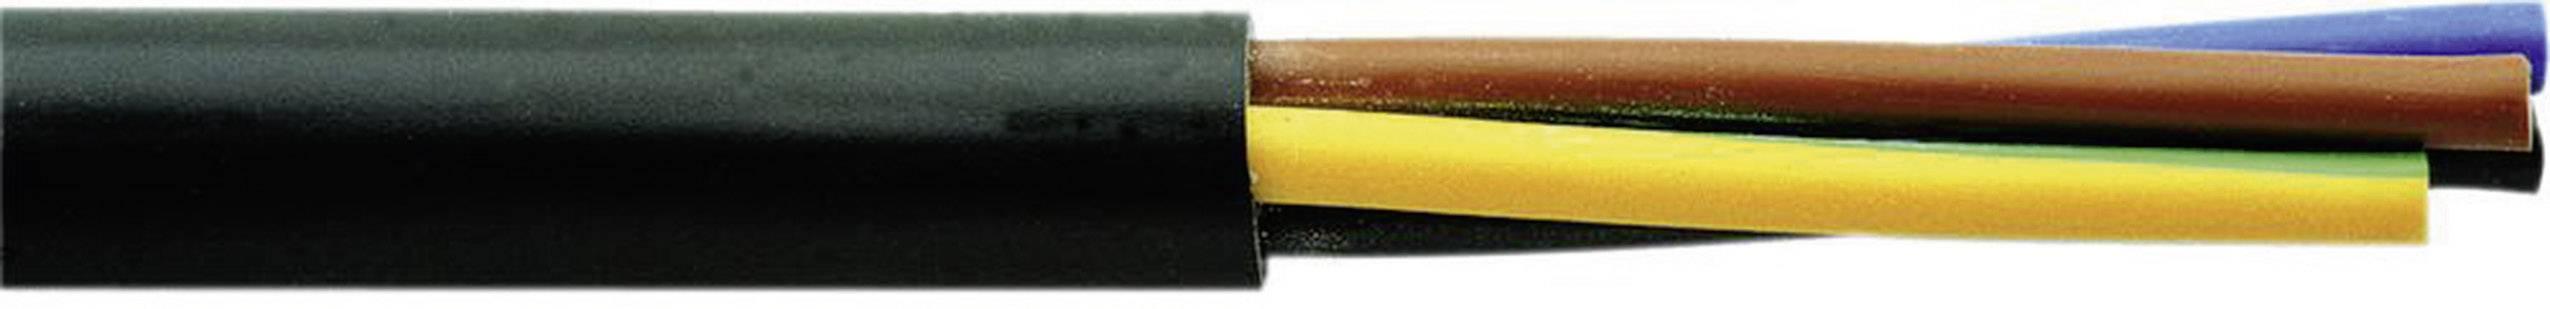 Vícežílový kabel Faber Kabel H05RR-F, 050031, 5 G 2.50 mm², černá, metrové zboží